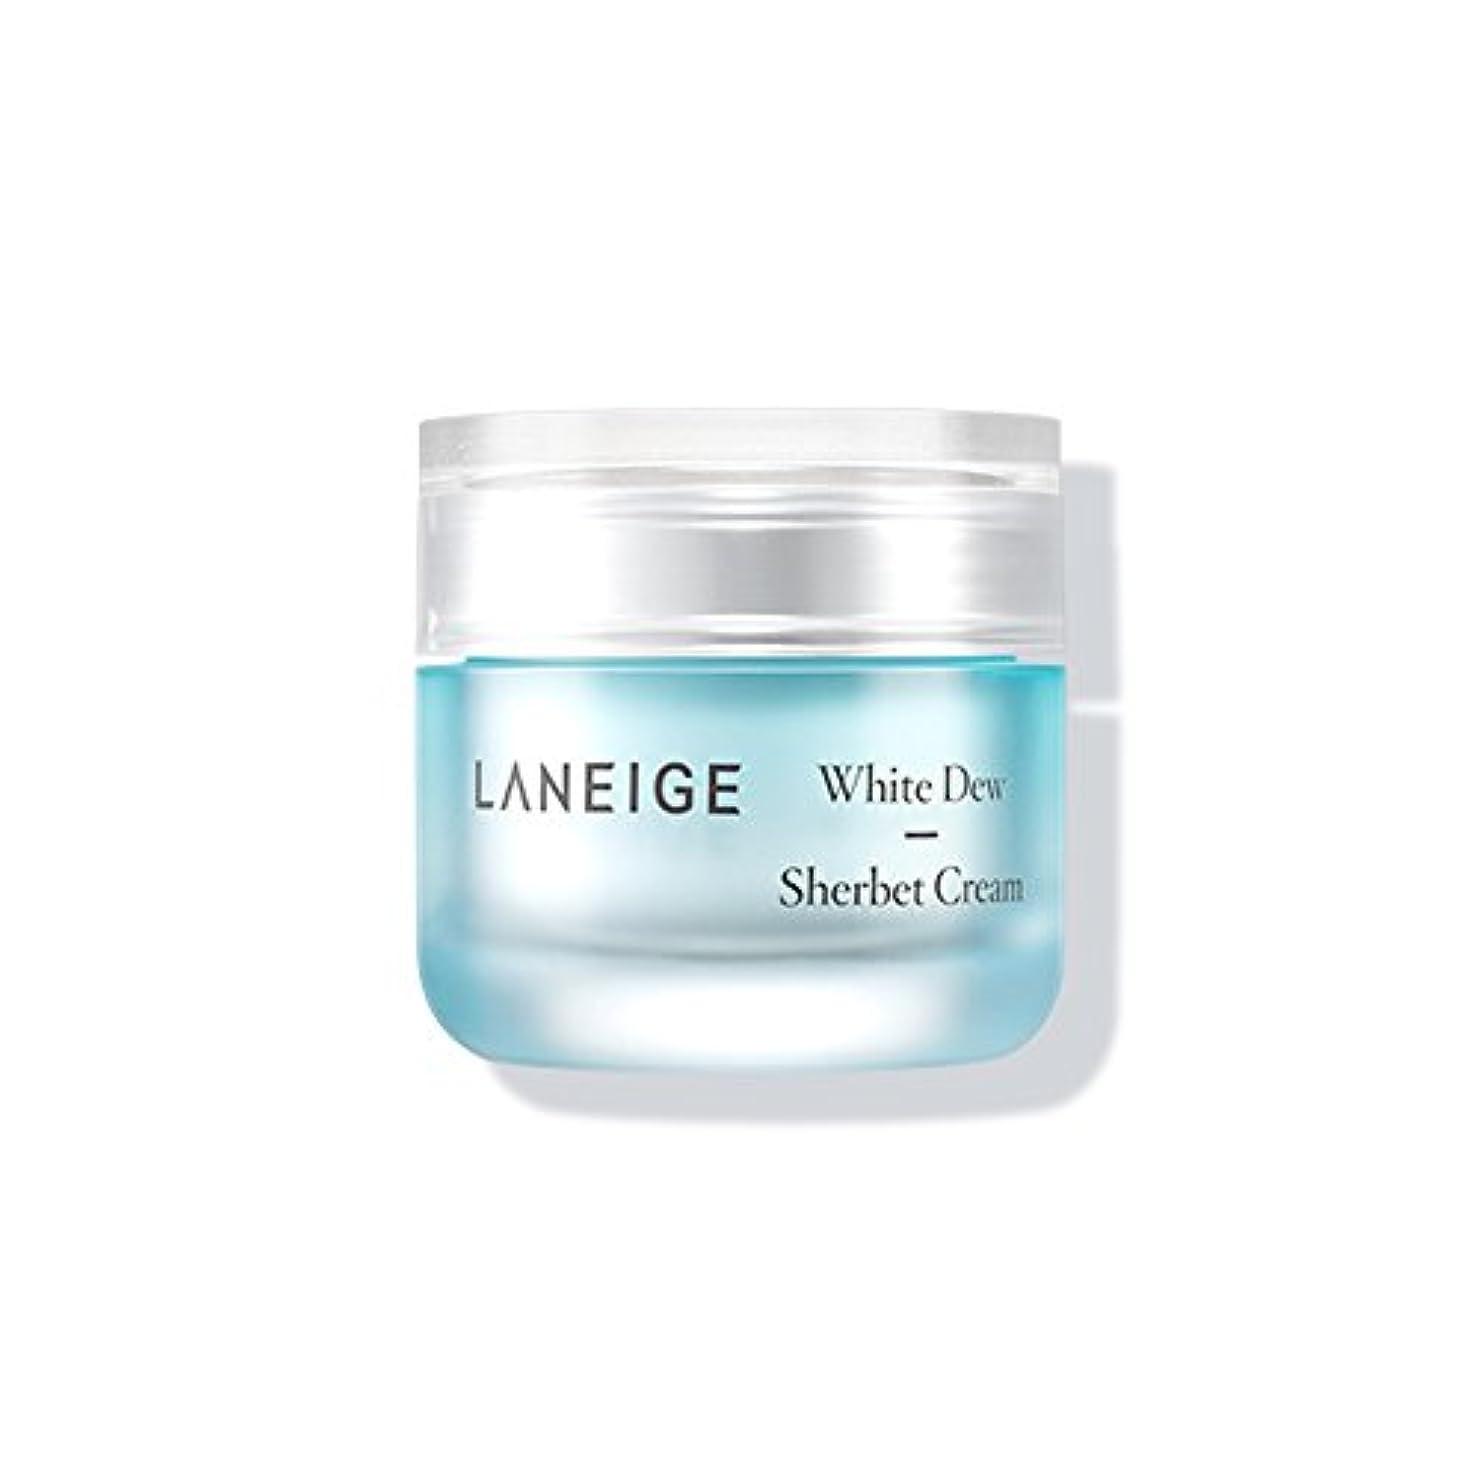 ガラス細部パリティLaneige White Dew Sherbet Cream ホワイトデューシャーベットクリーム50ml